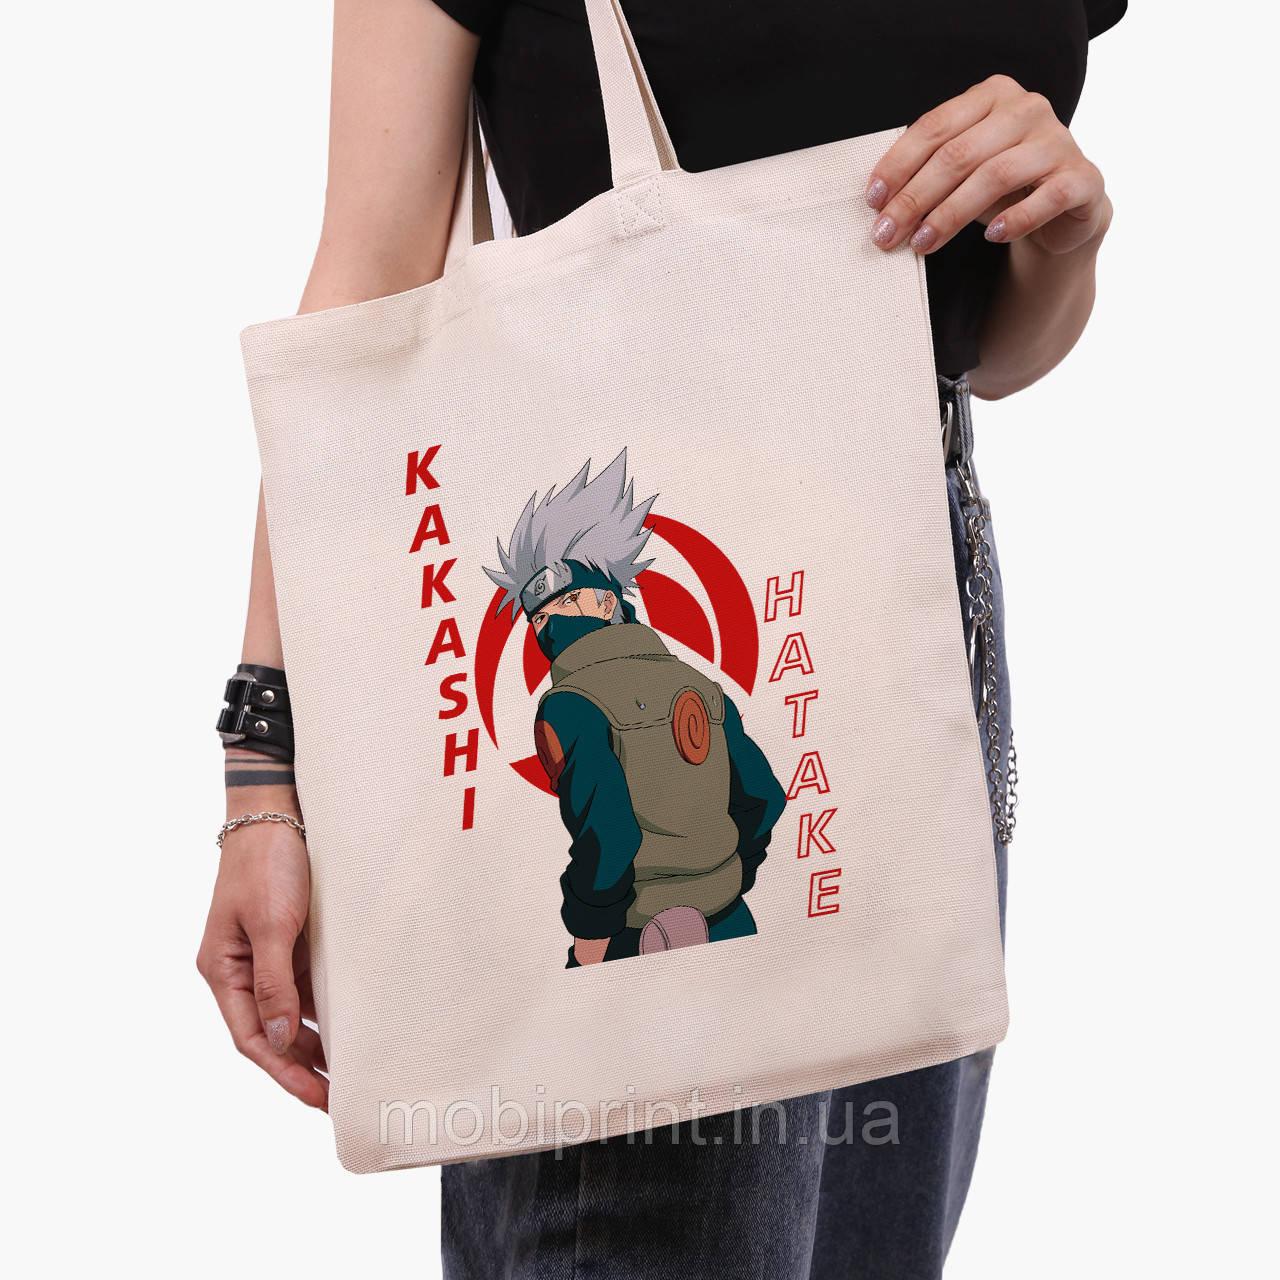 Еко сумка шоппер Хатакэ Какаші Наруто (Hatake Kakashi) (9227-2820) 41*35 см